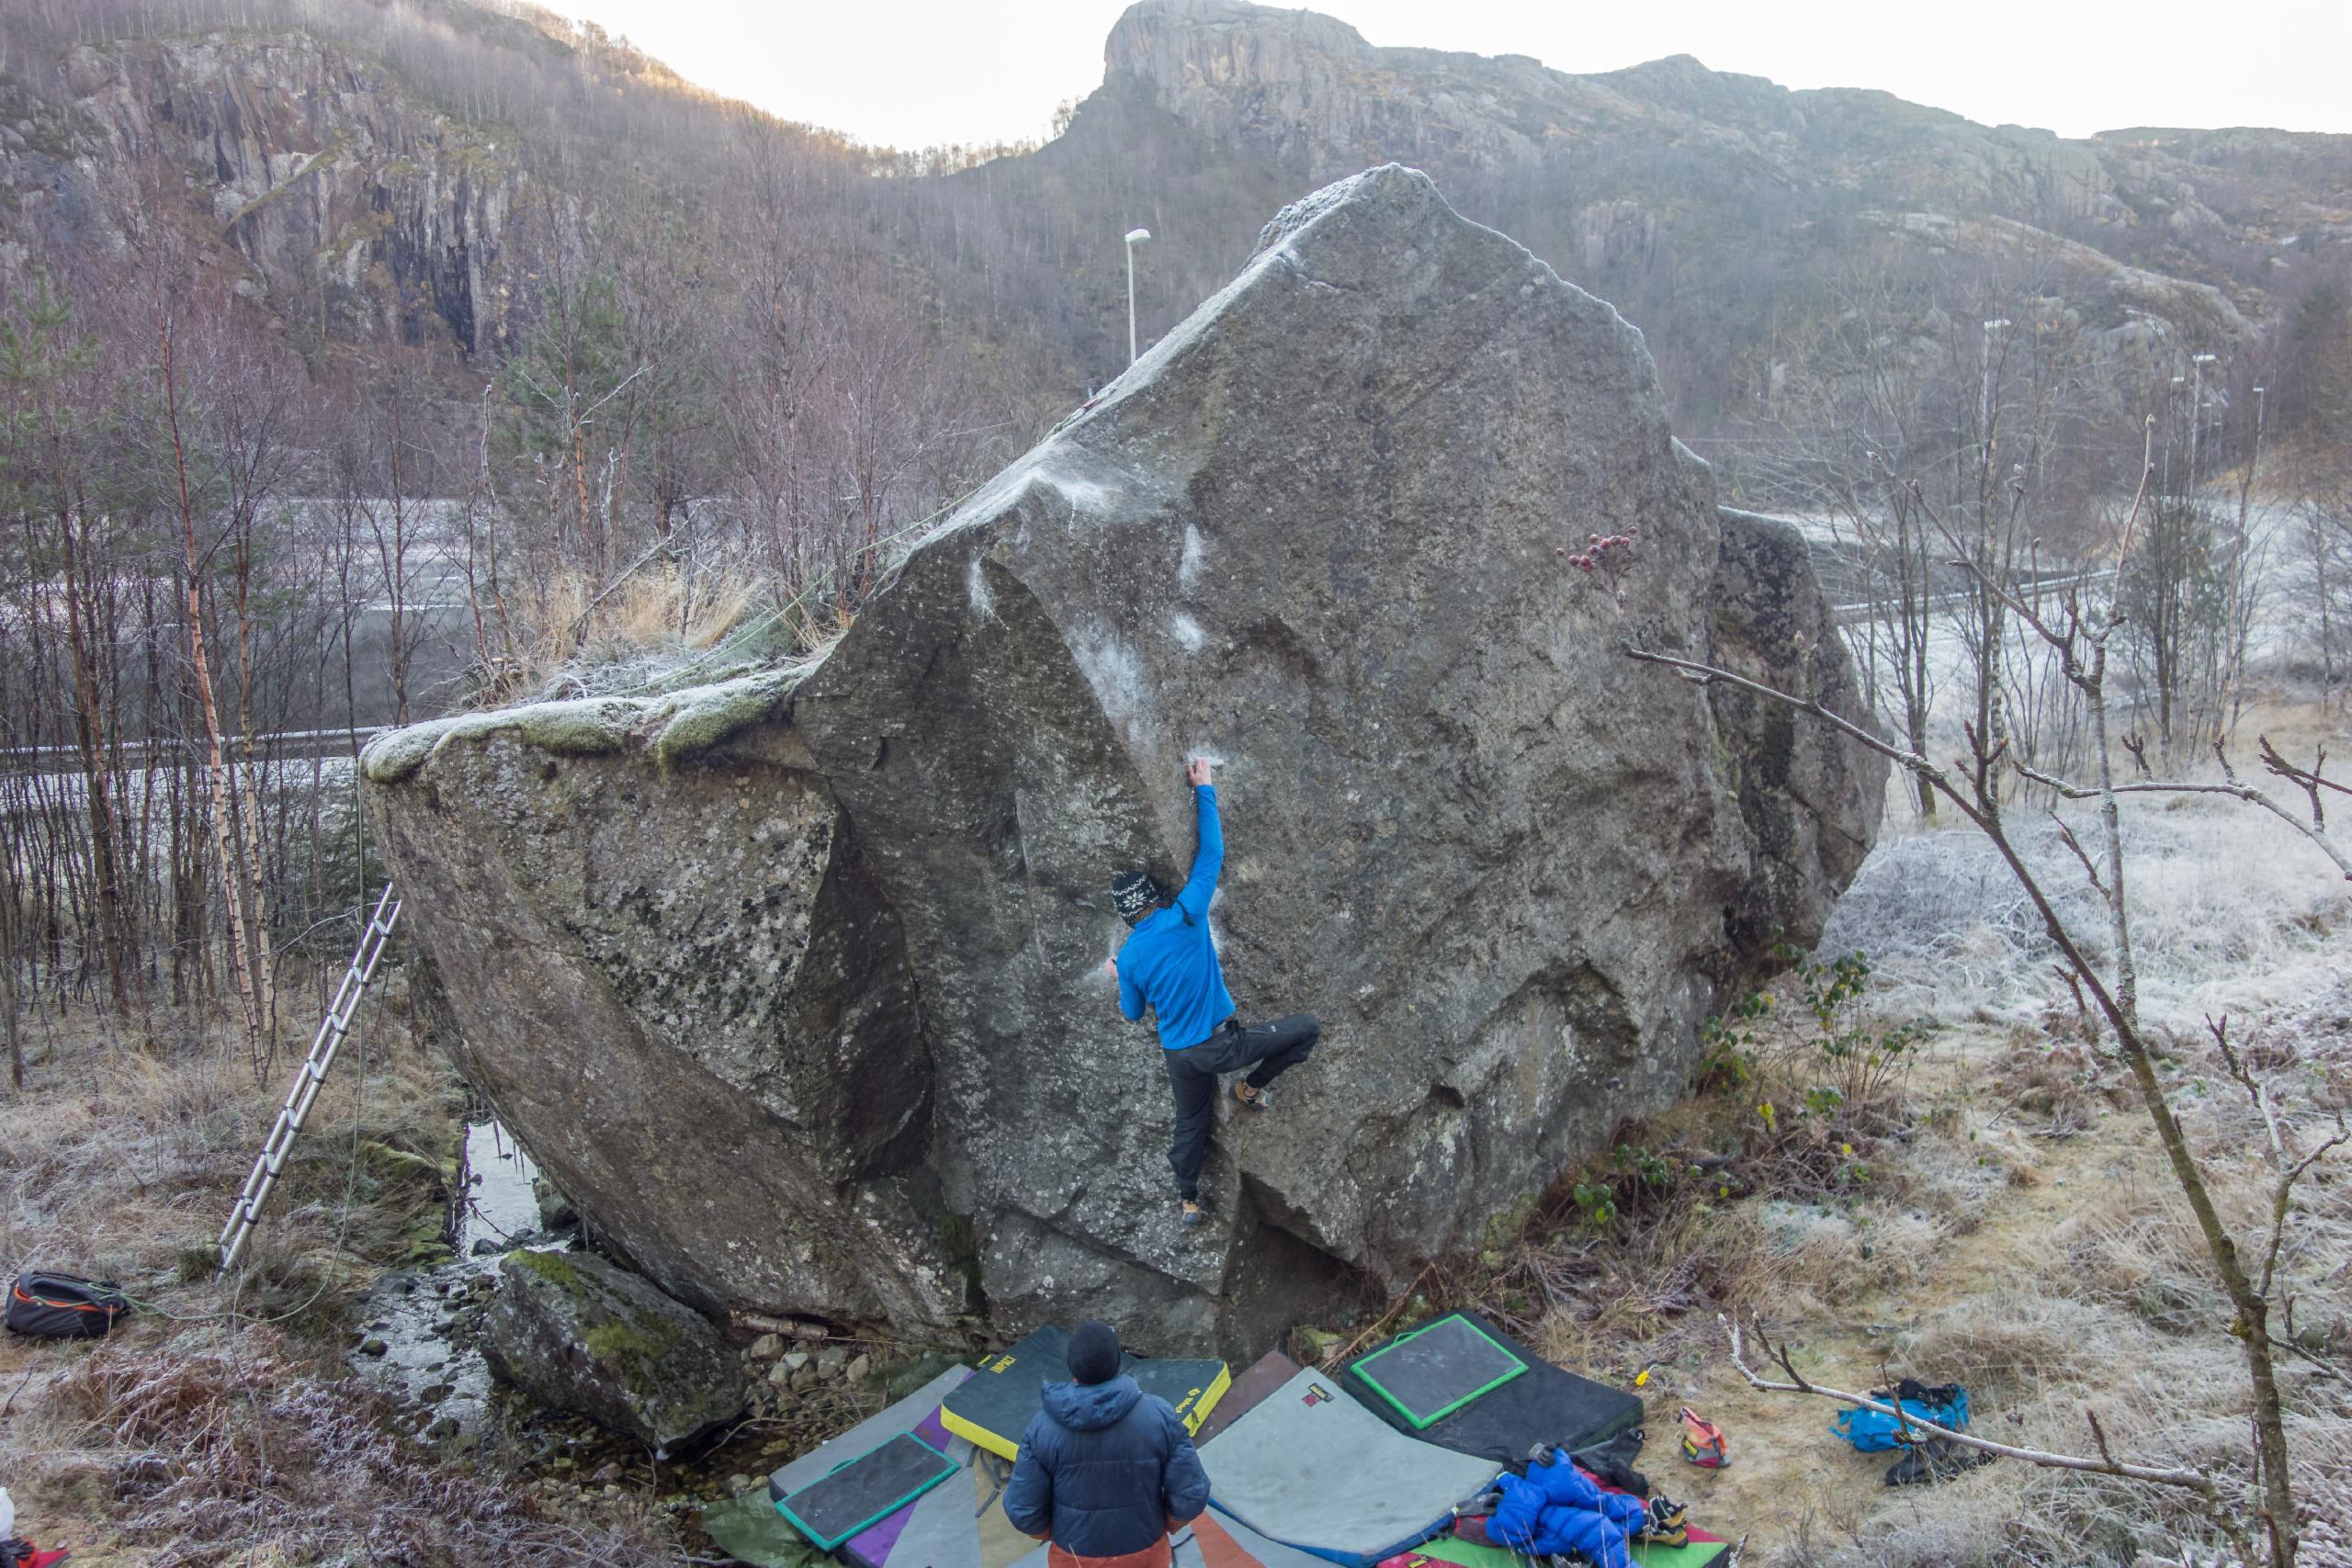 photographer: Jostein Øygarden, in photo: Fredric Schibstad Møllerop